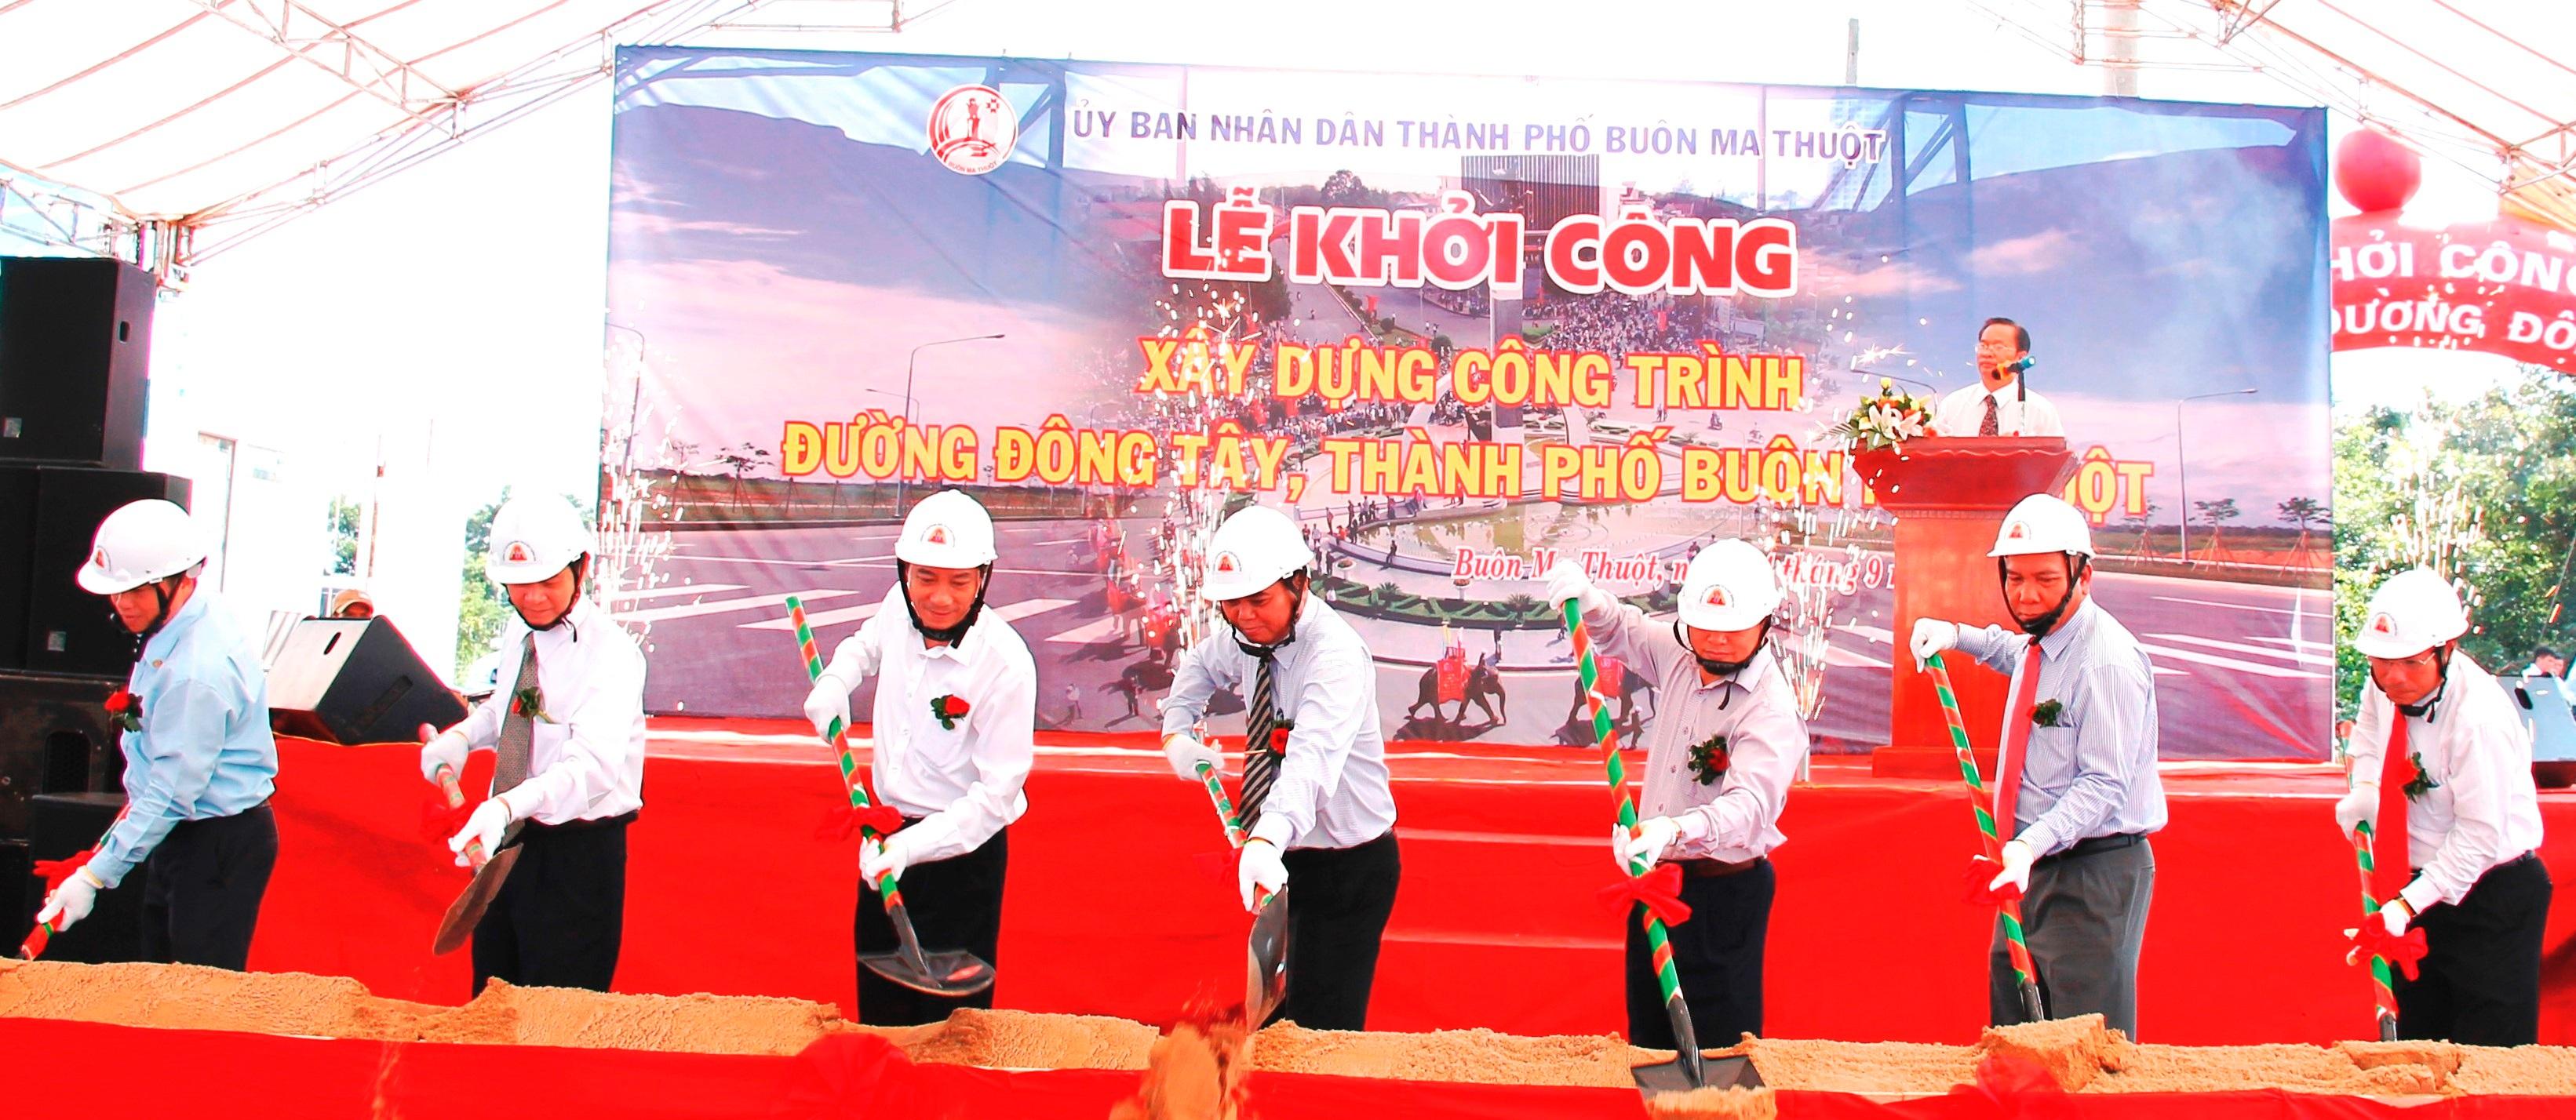 Xử lý kỹ thuật nút giao đường Trần Quý Cáp với đường Đông Tây thành phố Buôn Ma Thuột